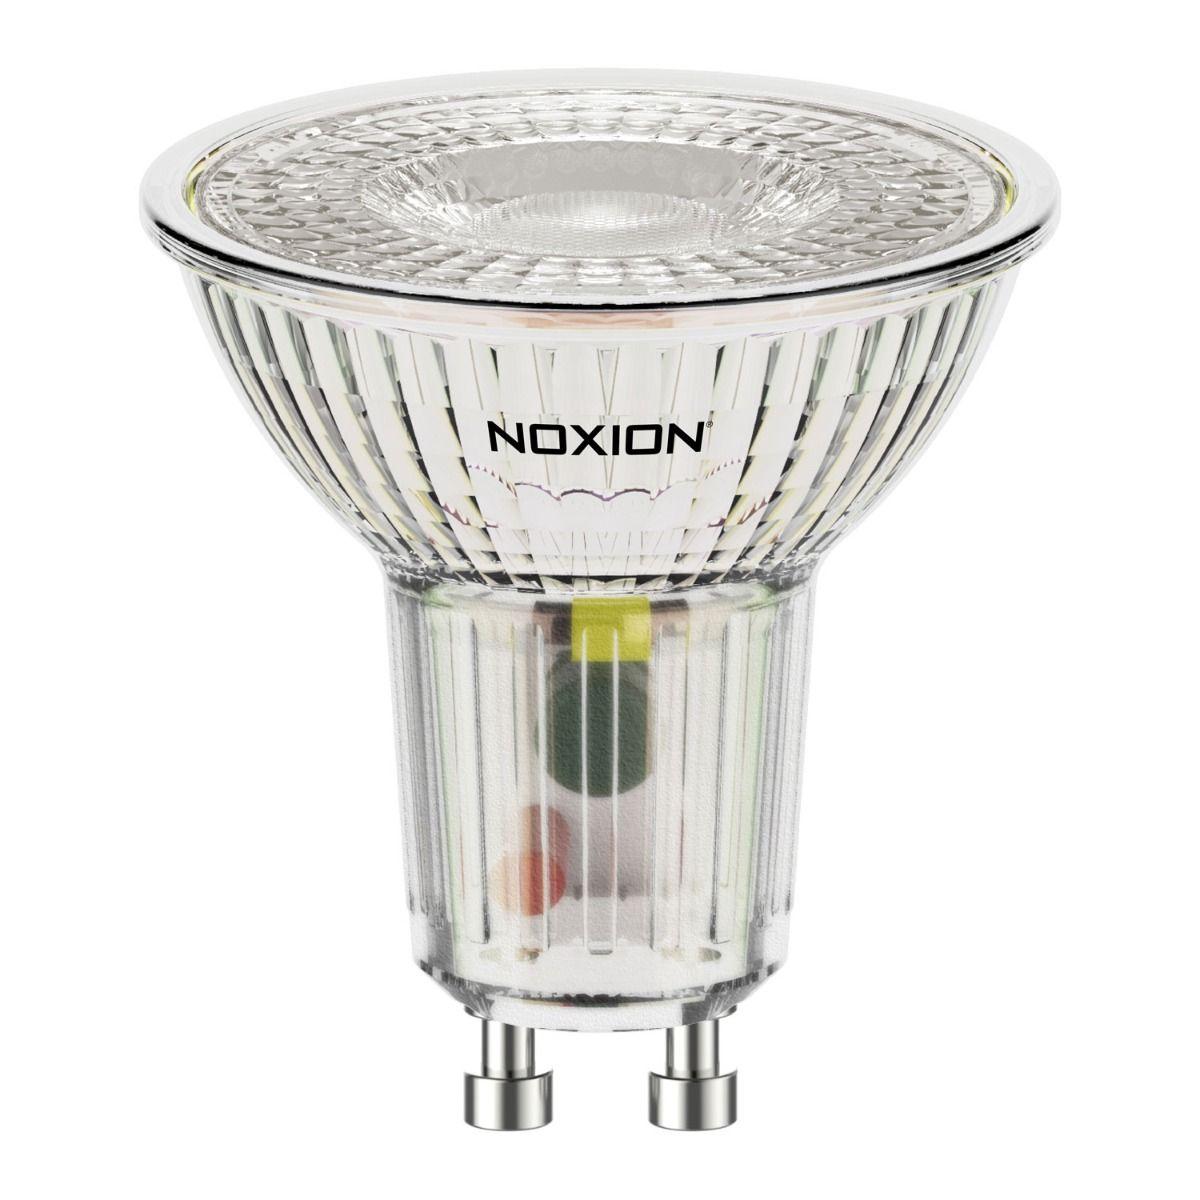 Noxion LED-Spot GU10 5W 830 36D 500lm | Warmweiß - Ersatz für 60W